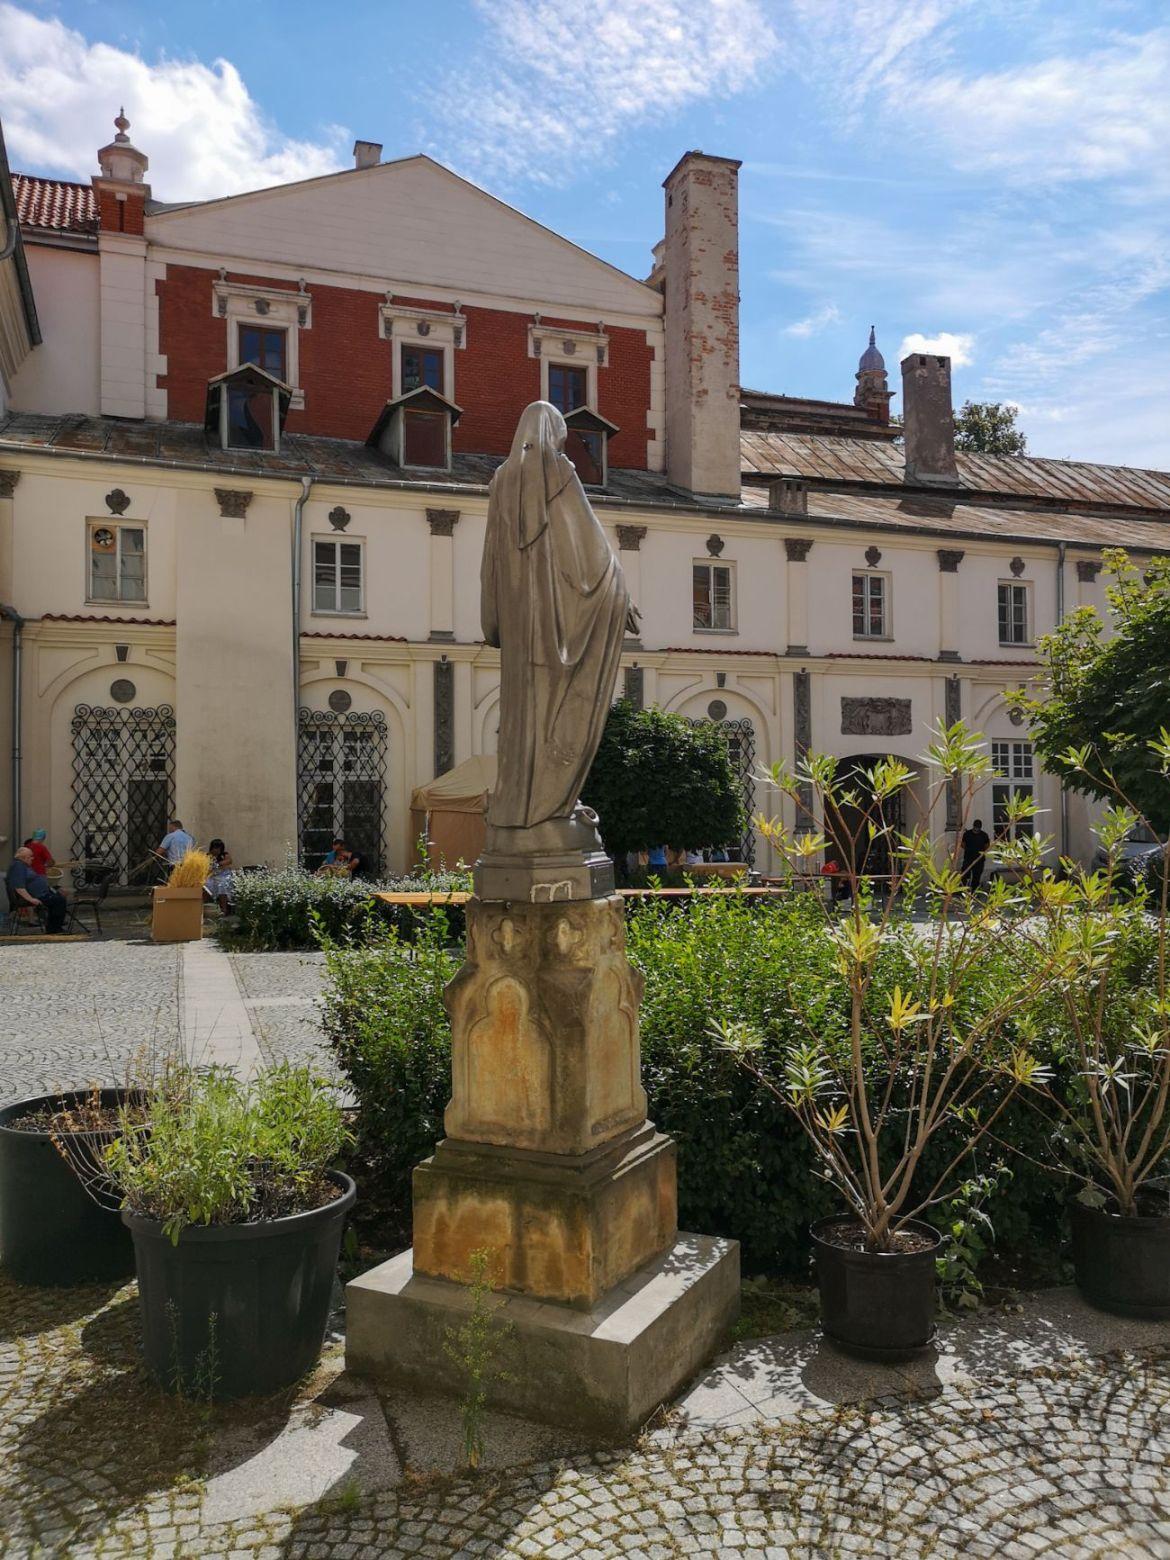 klasztor dominikanów lublin dziedziniec lublin weekend co zwiedzić lubelskie